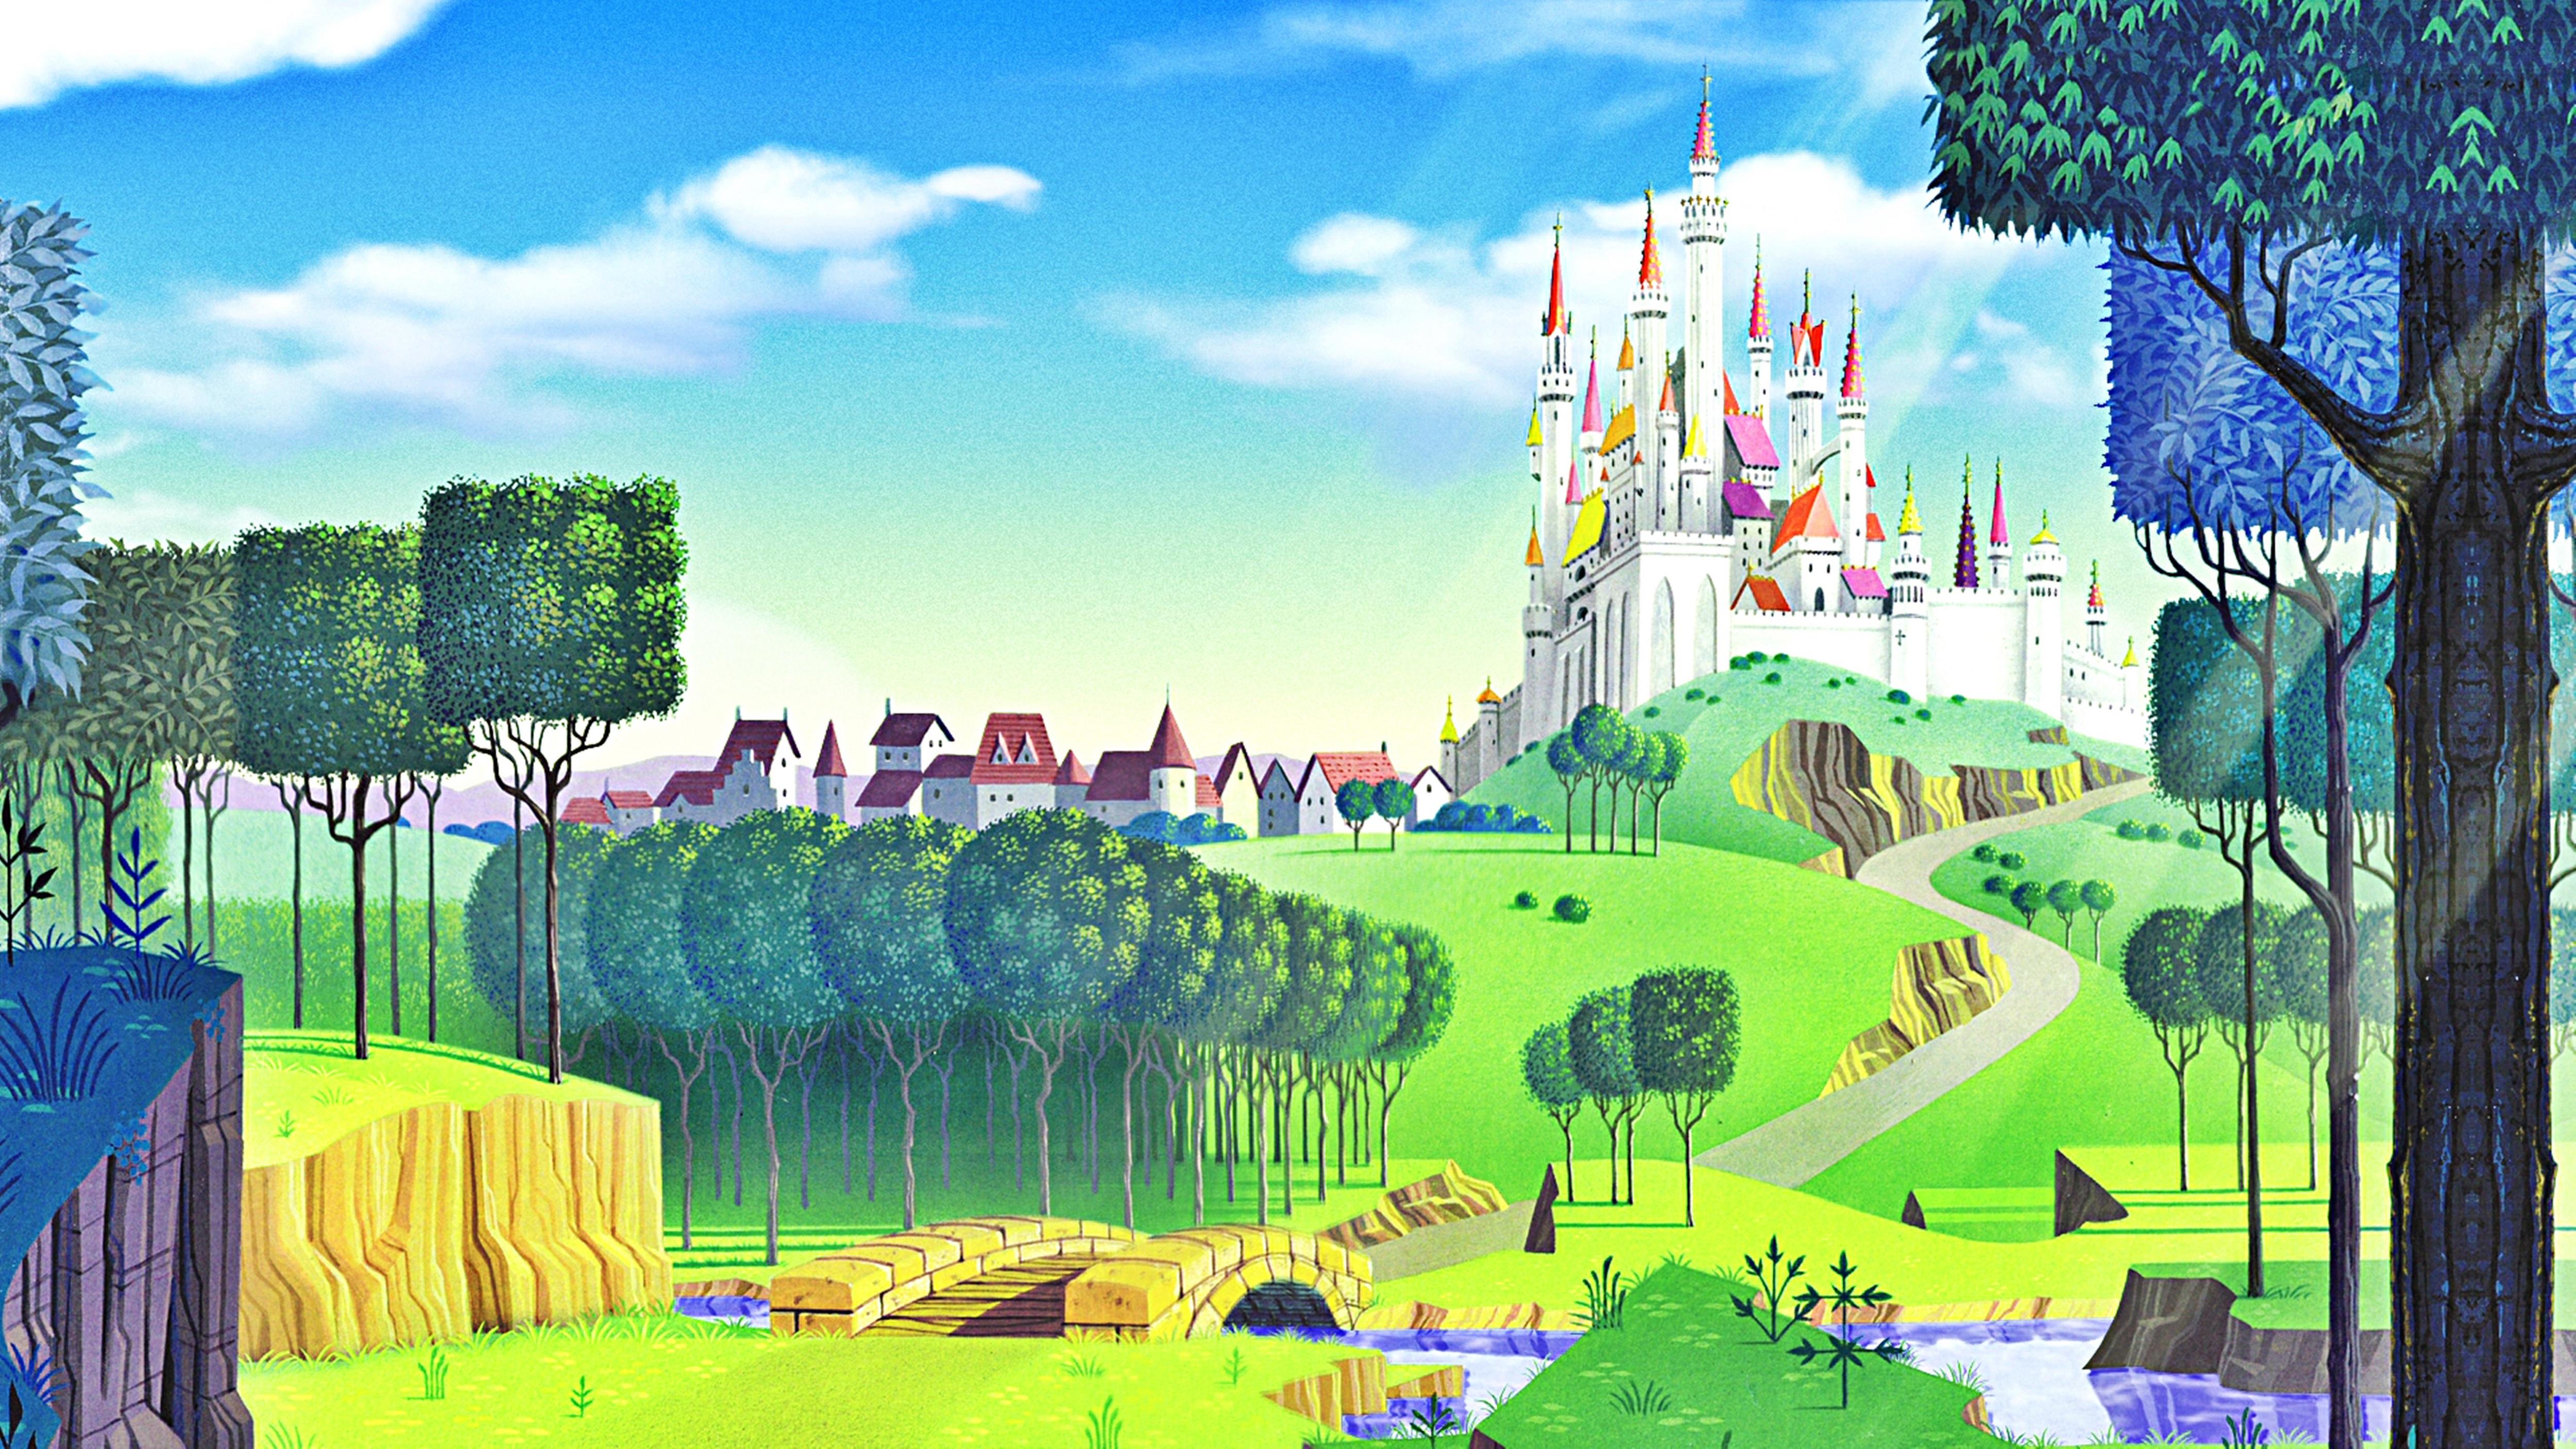 Disney princess castle wallpaper wallpapersafari for Castle mural wallpaper